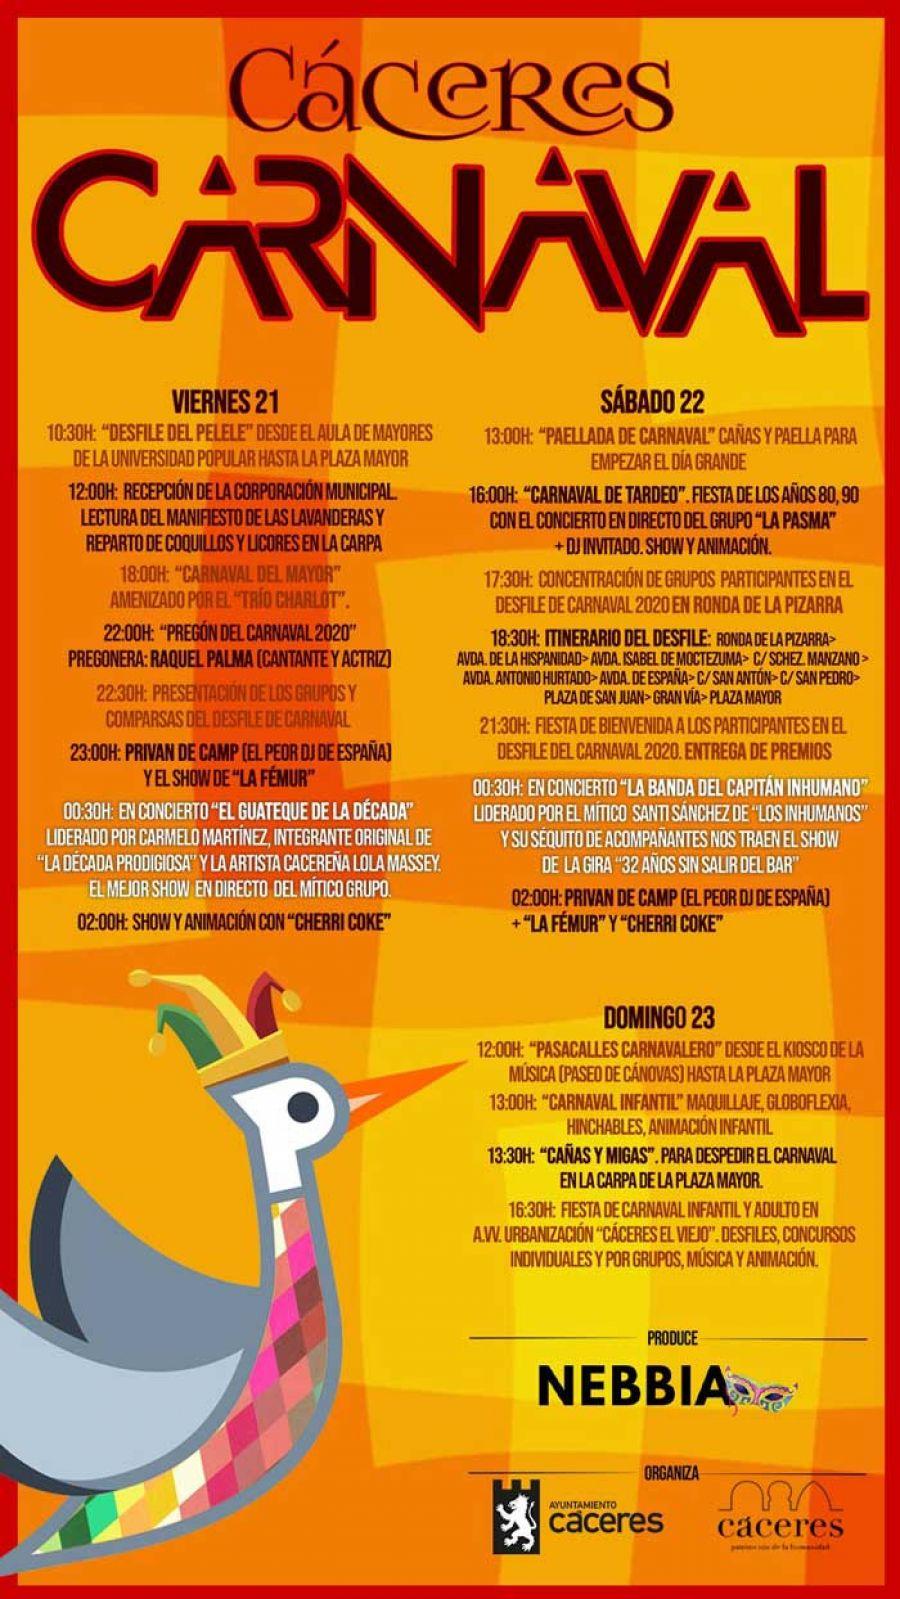 Carnaval de Cáceres 2020